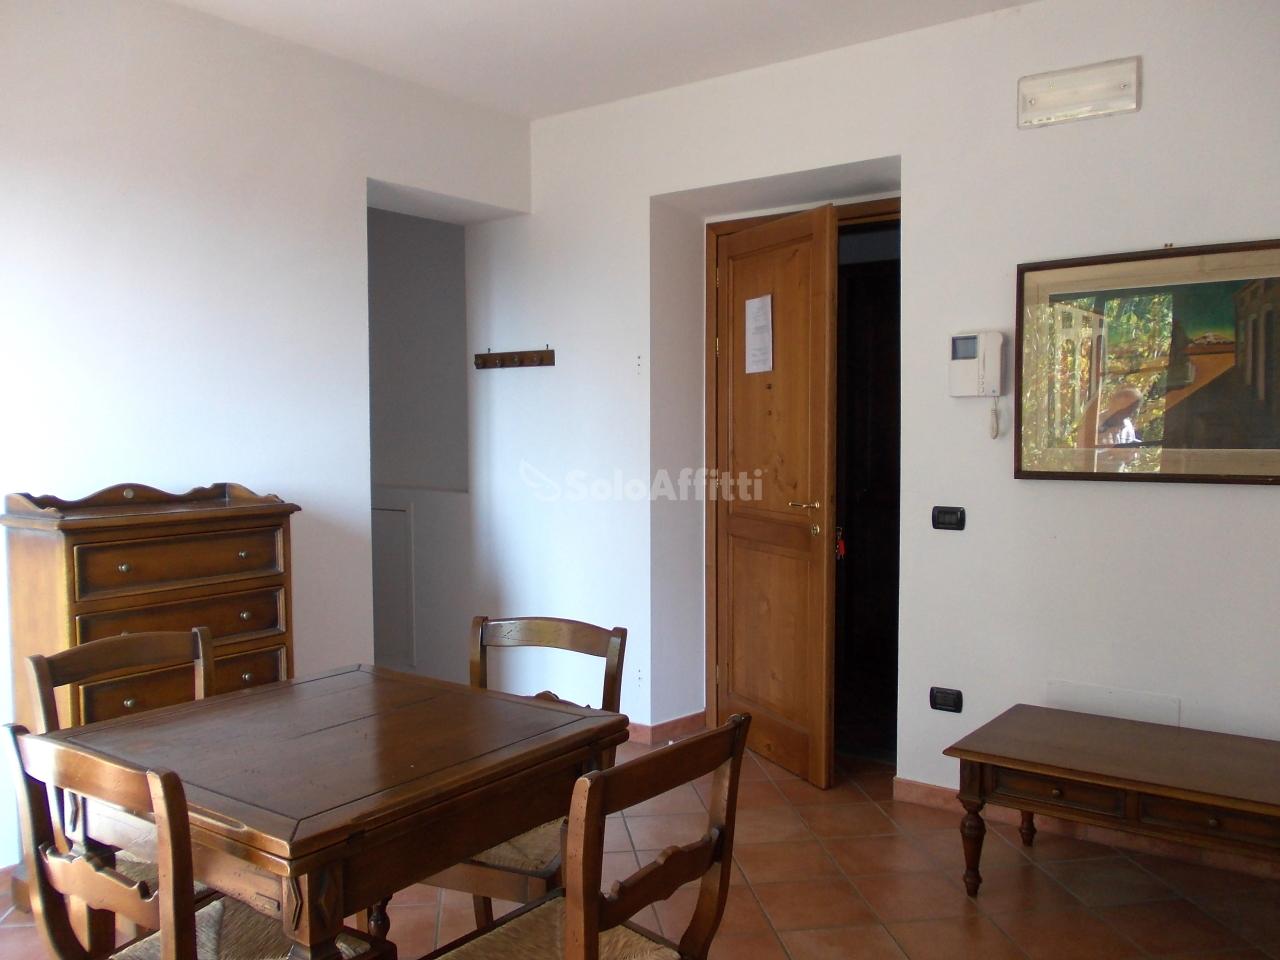 Appartamento in affitto a Greve in Chianti, 3 locali, prezzo € 600 | CambioCasa.it